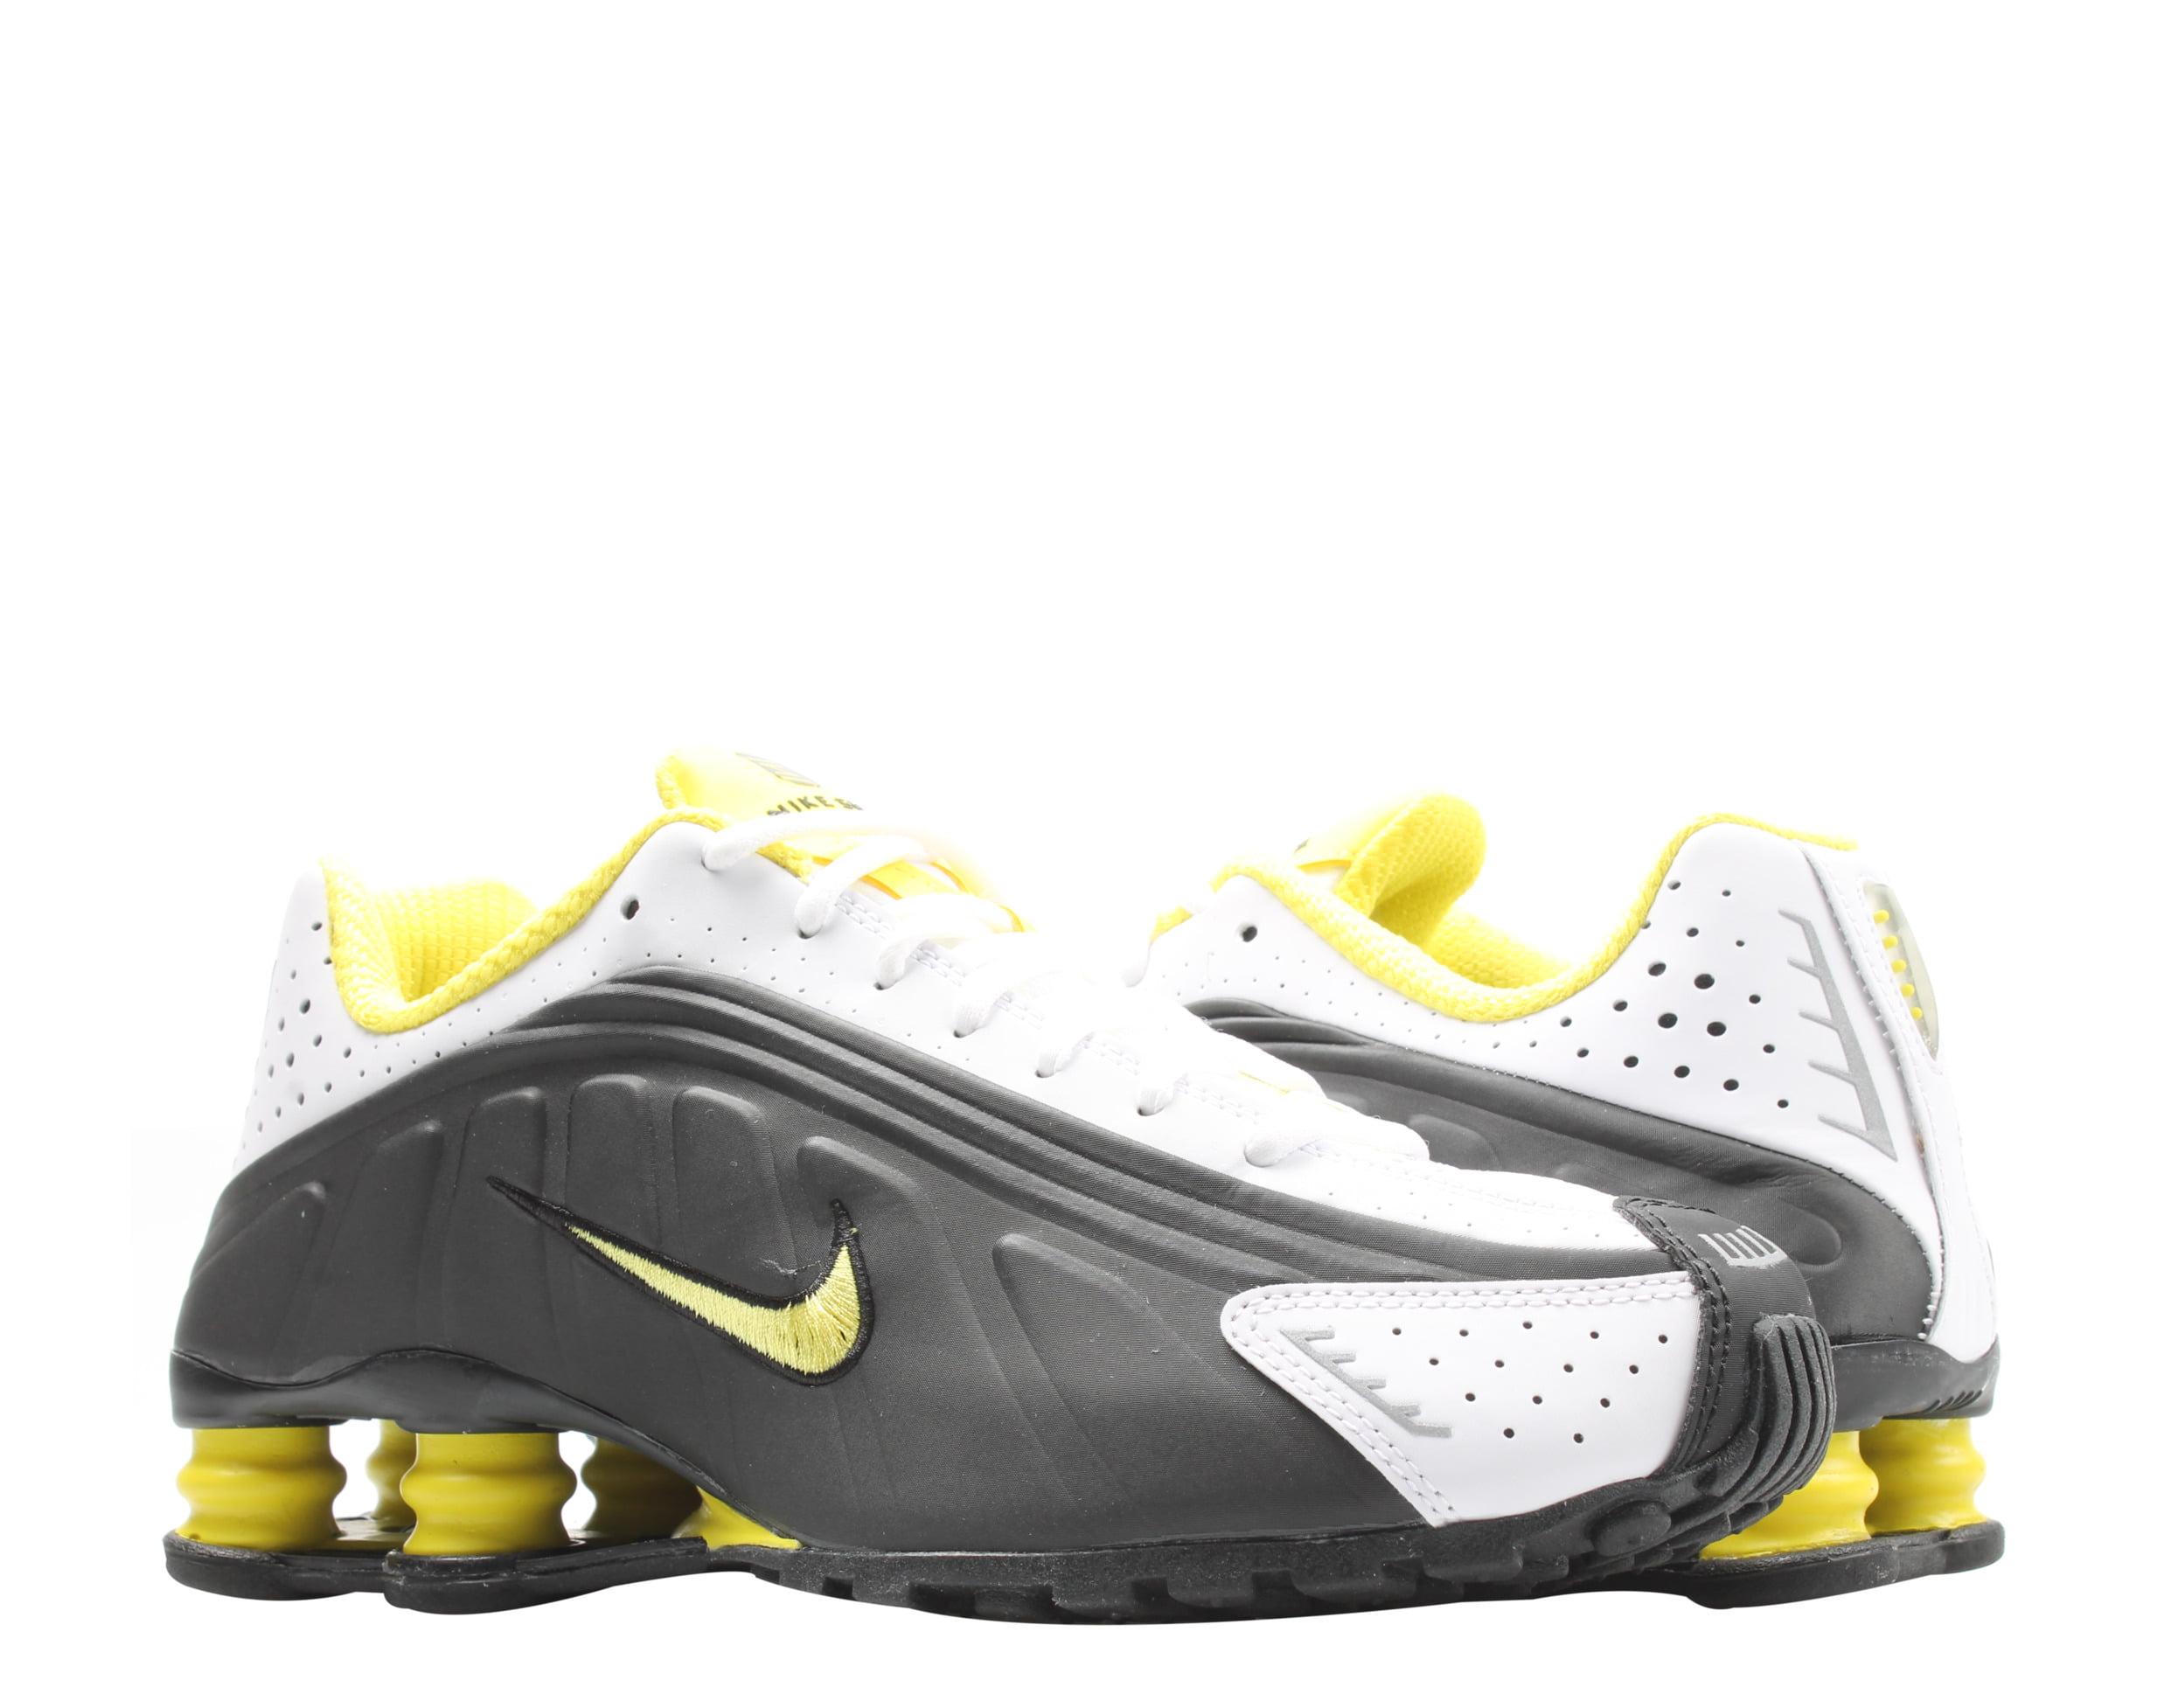 Nike Shox R4 Black/Dynamic Yellow-White